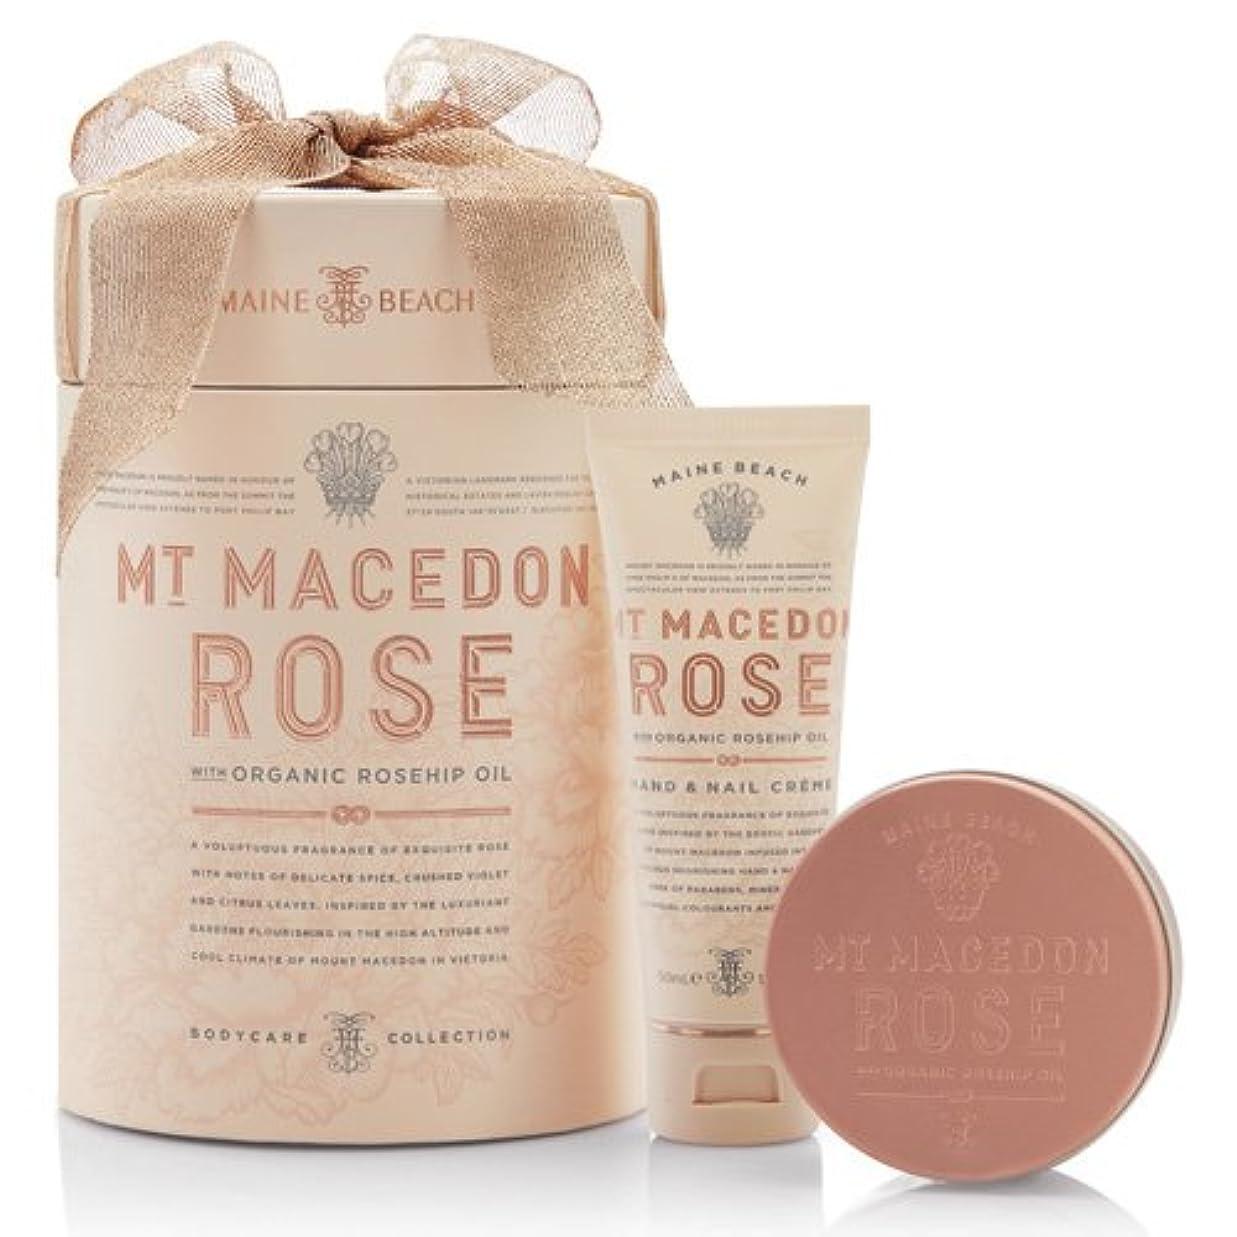 襟眠いです幾何学MAINE BEACH マインビーチ MT MACEDON ROSE マウント マセドン ローズ Duo Gift Pack